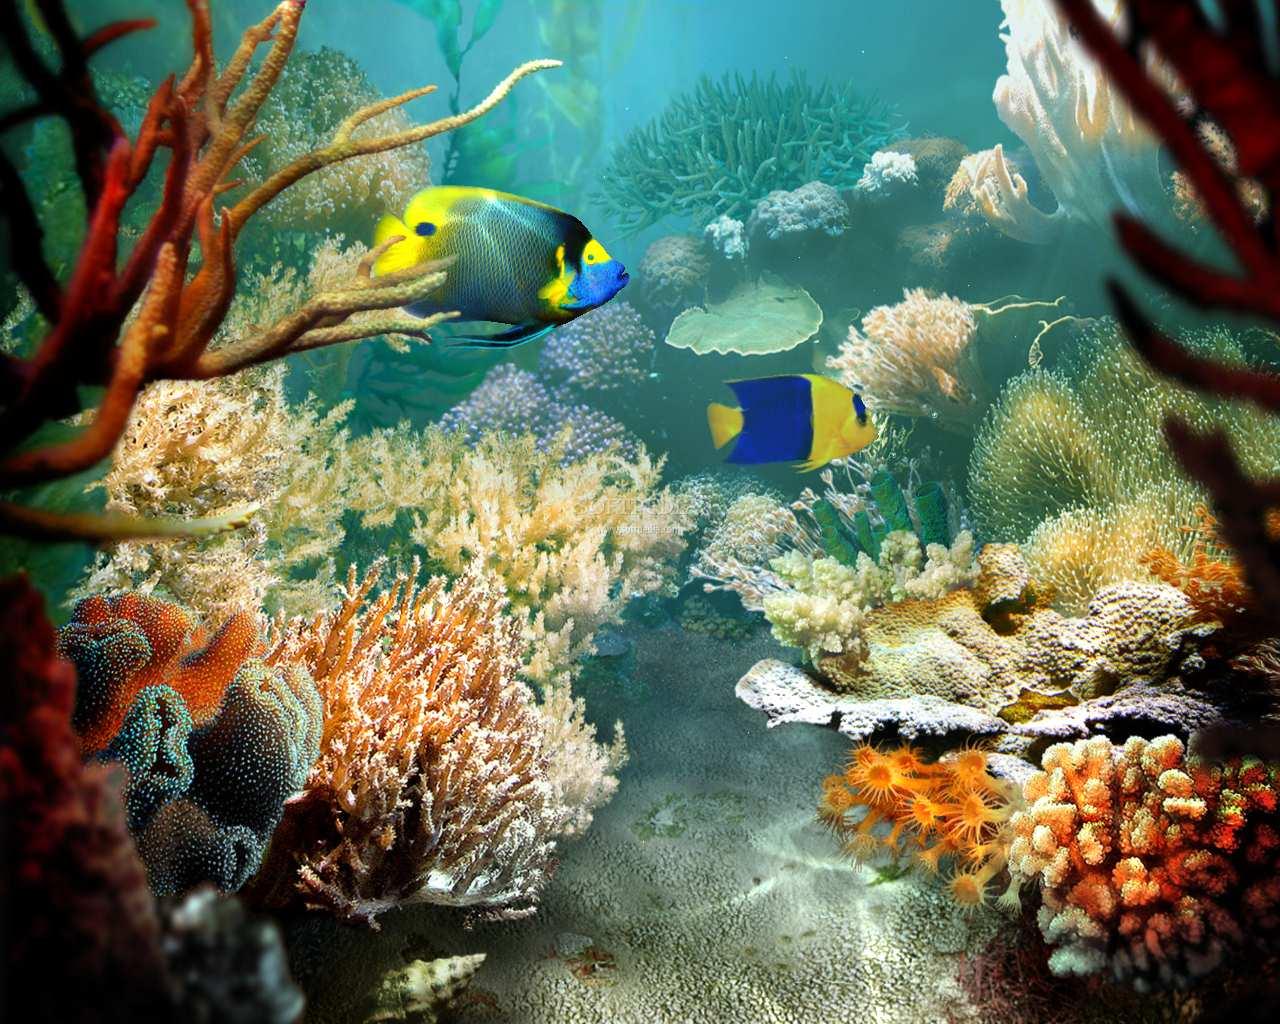 Tropical Fish Wallpapers - WallpaperSafari  Tropical Fish W...